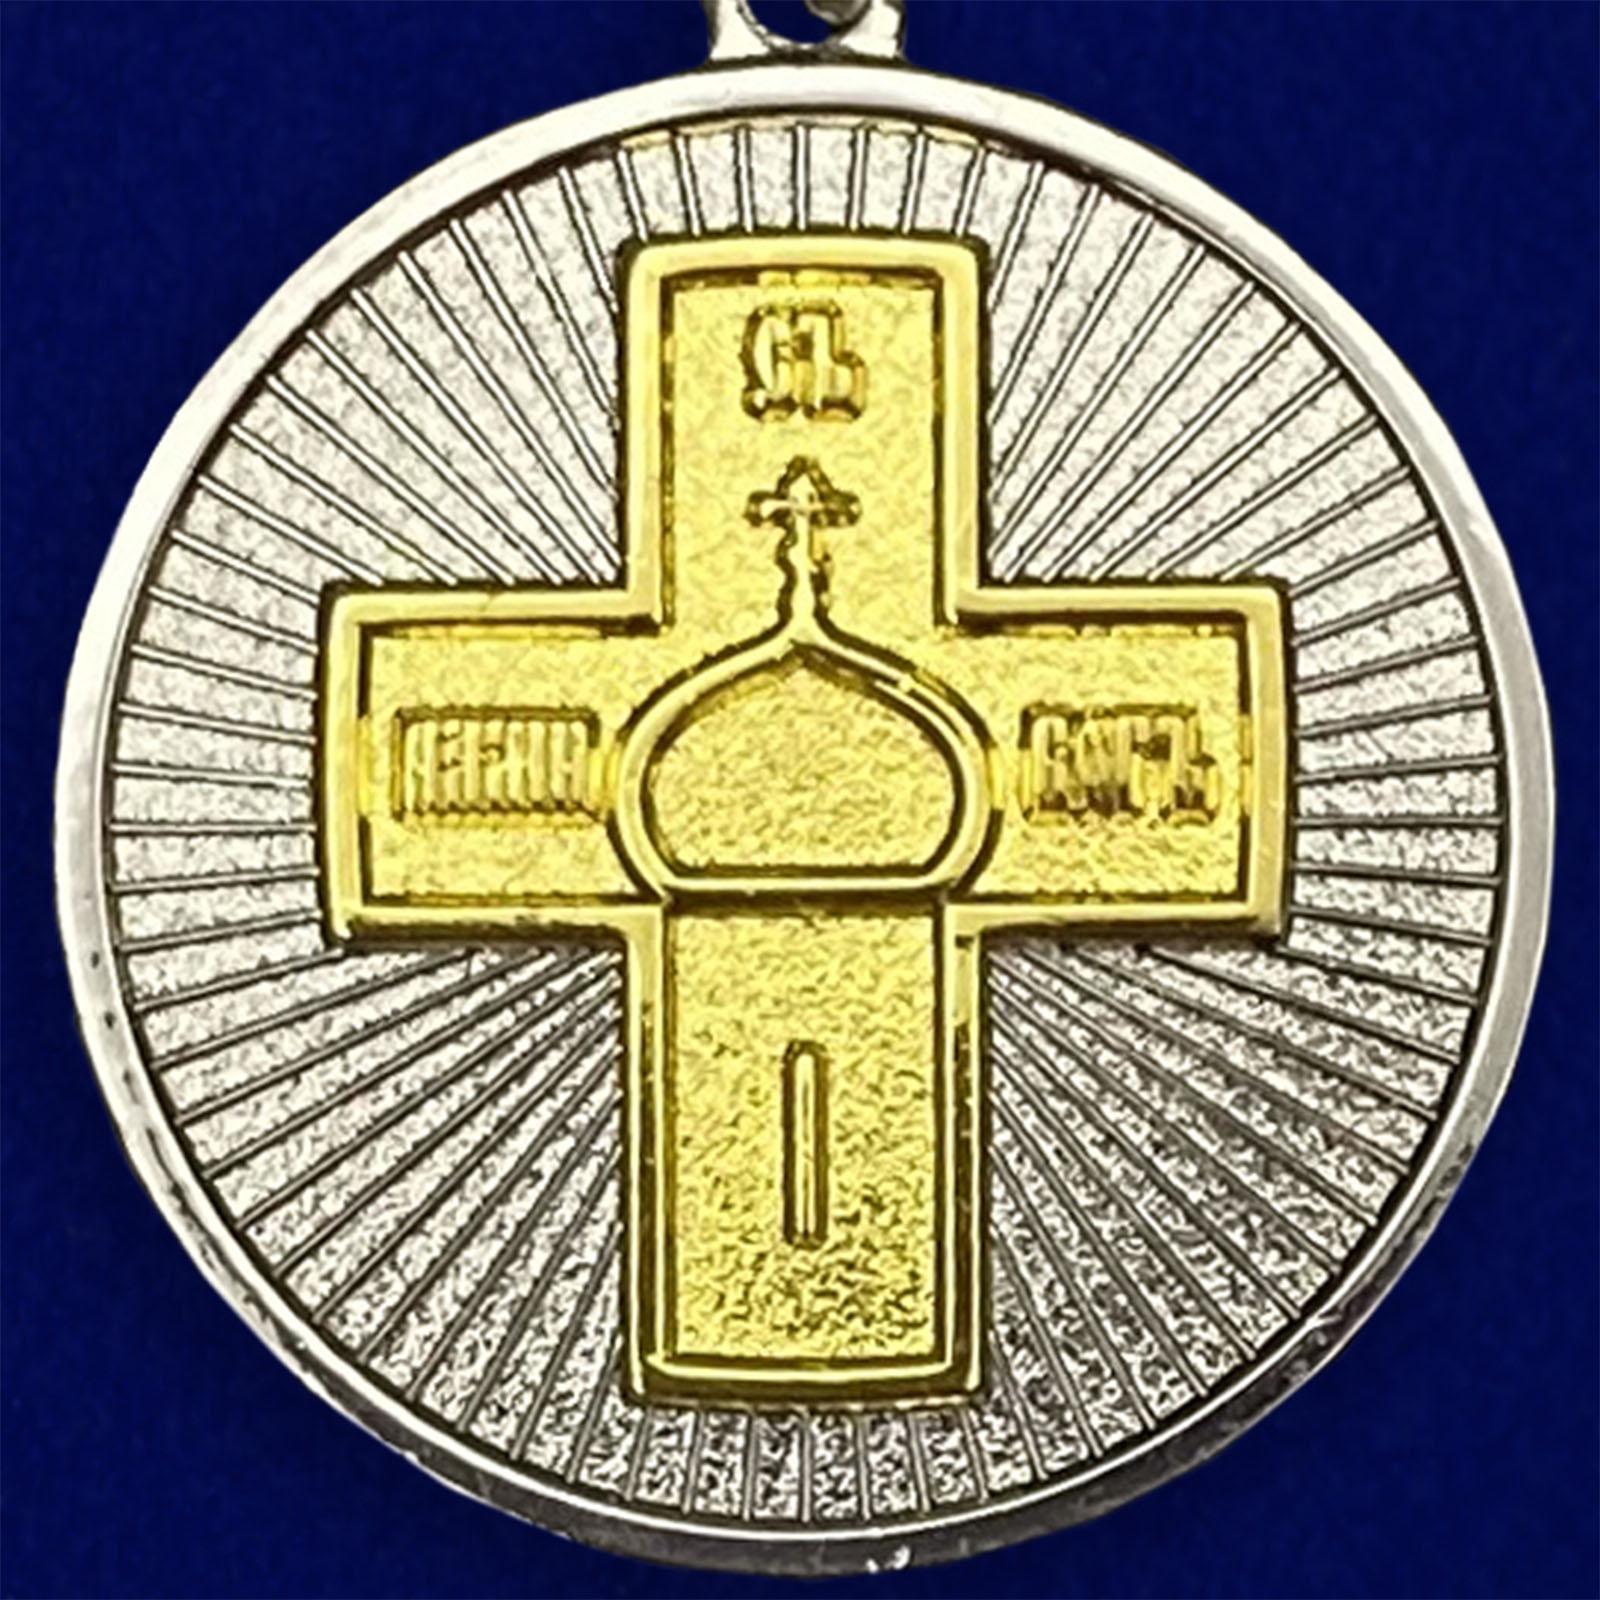 Медаль Дело Веры 2 степени для награждения достойных